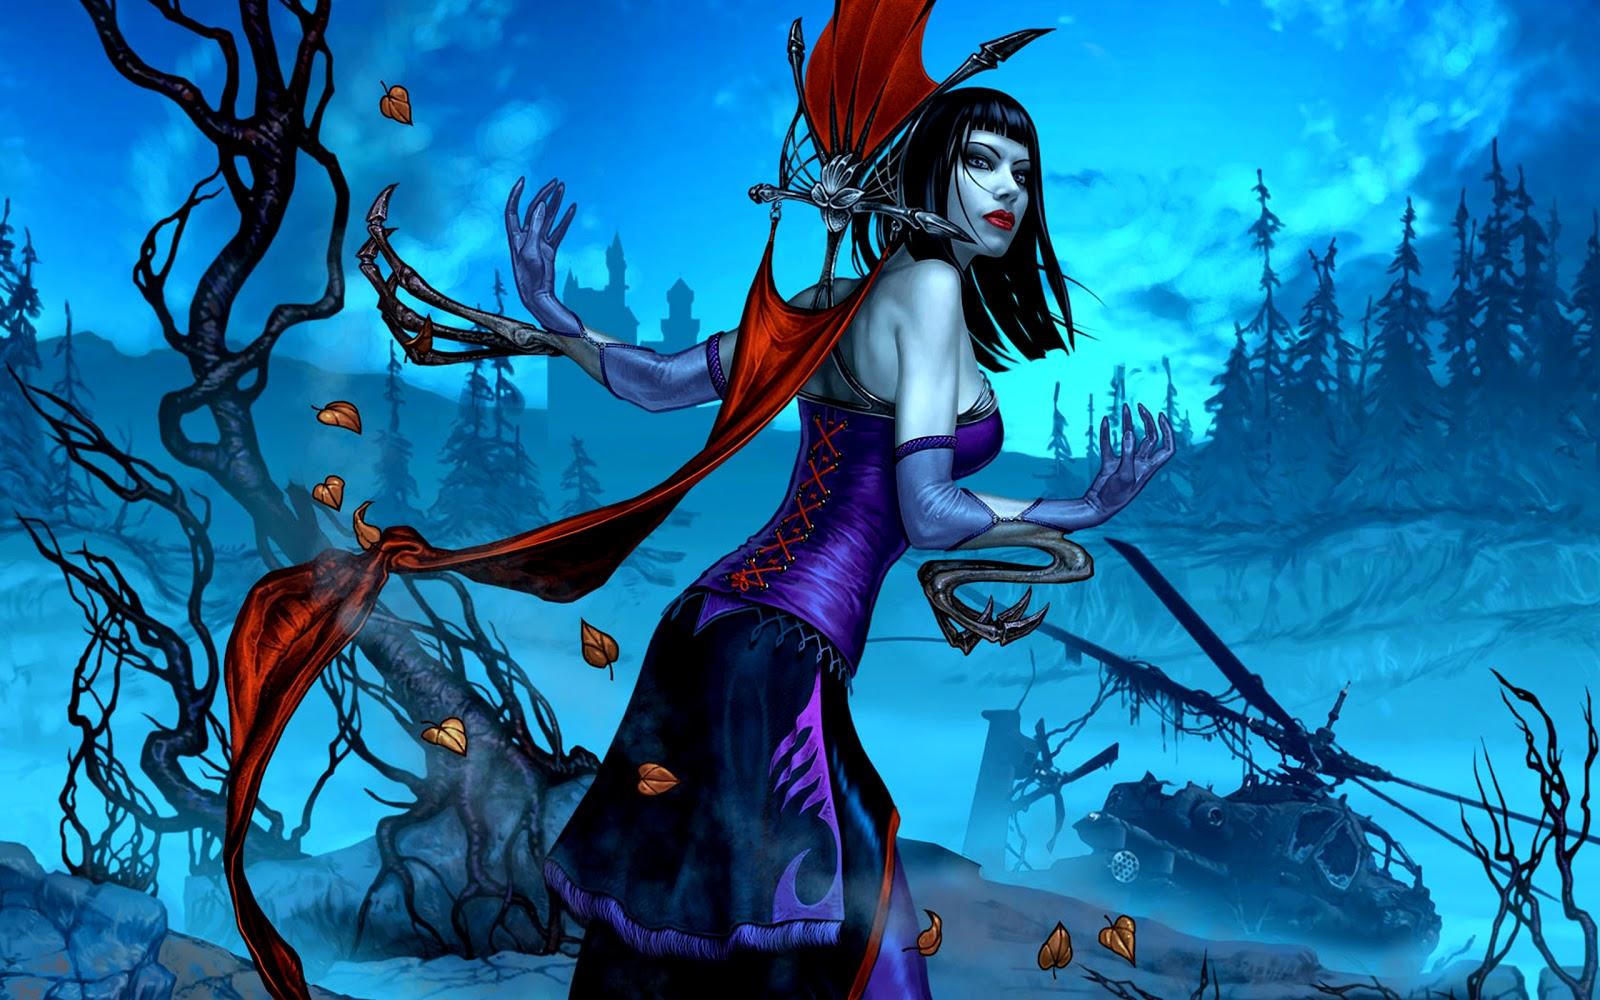 S Hd Image Wallpaper: Fantasie Achtergronden